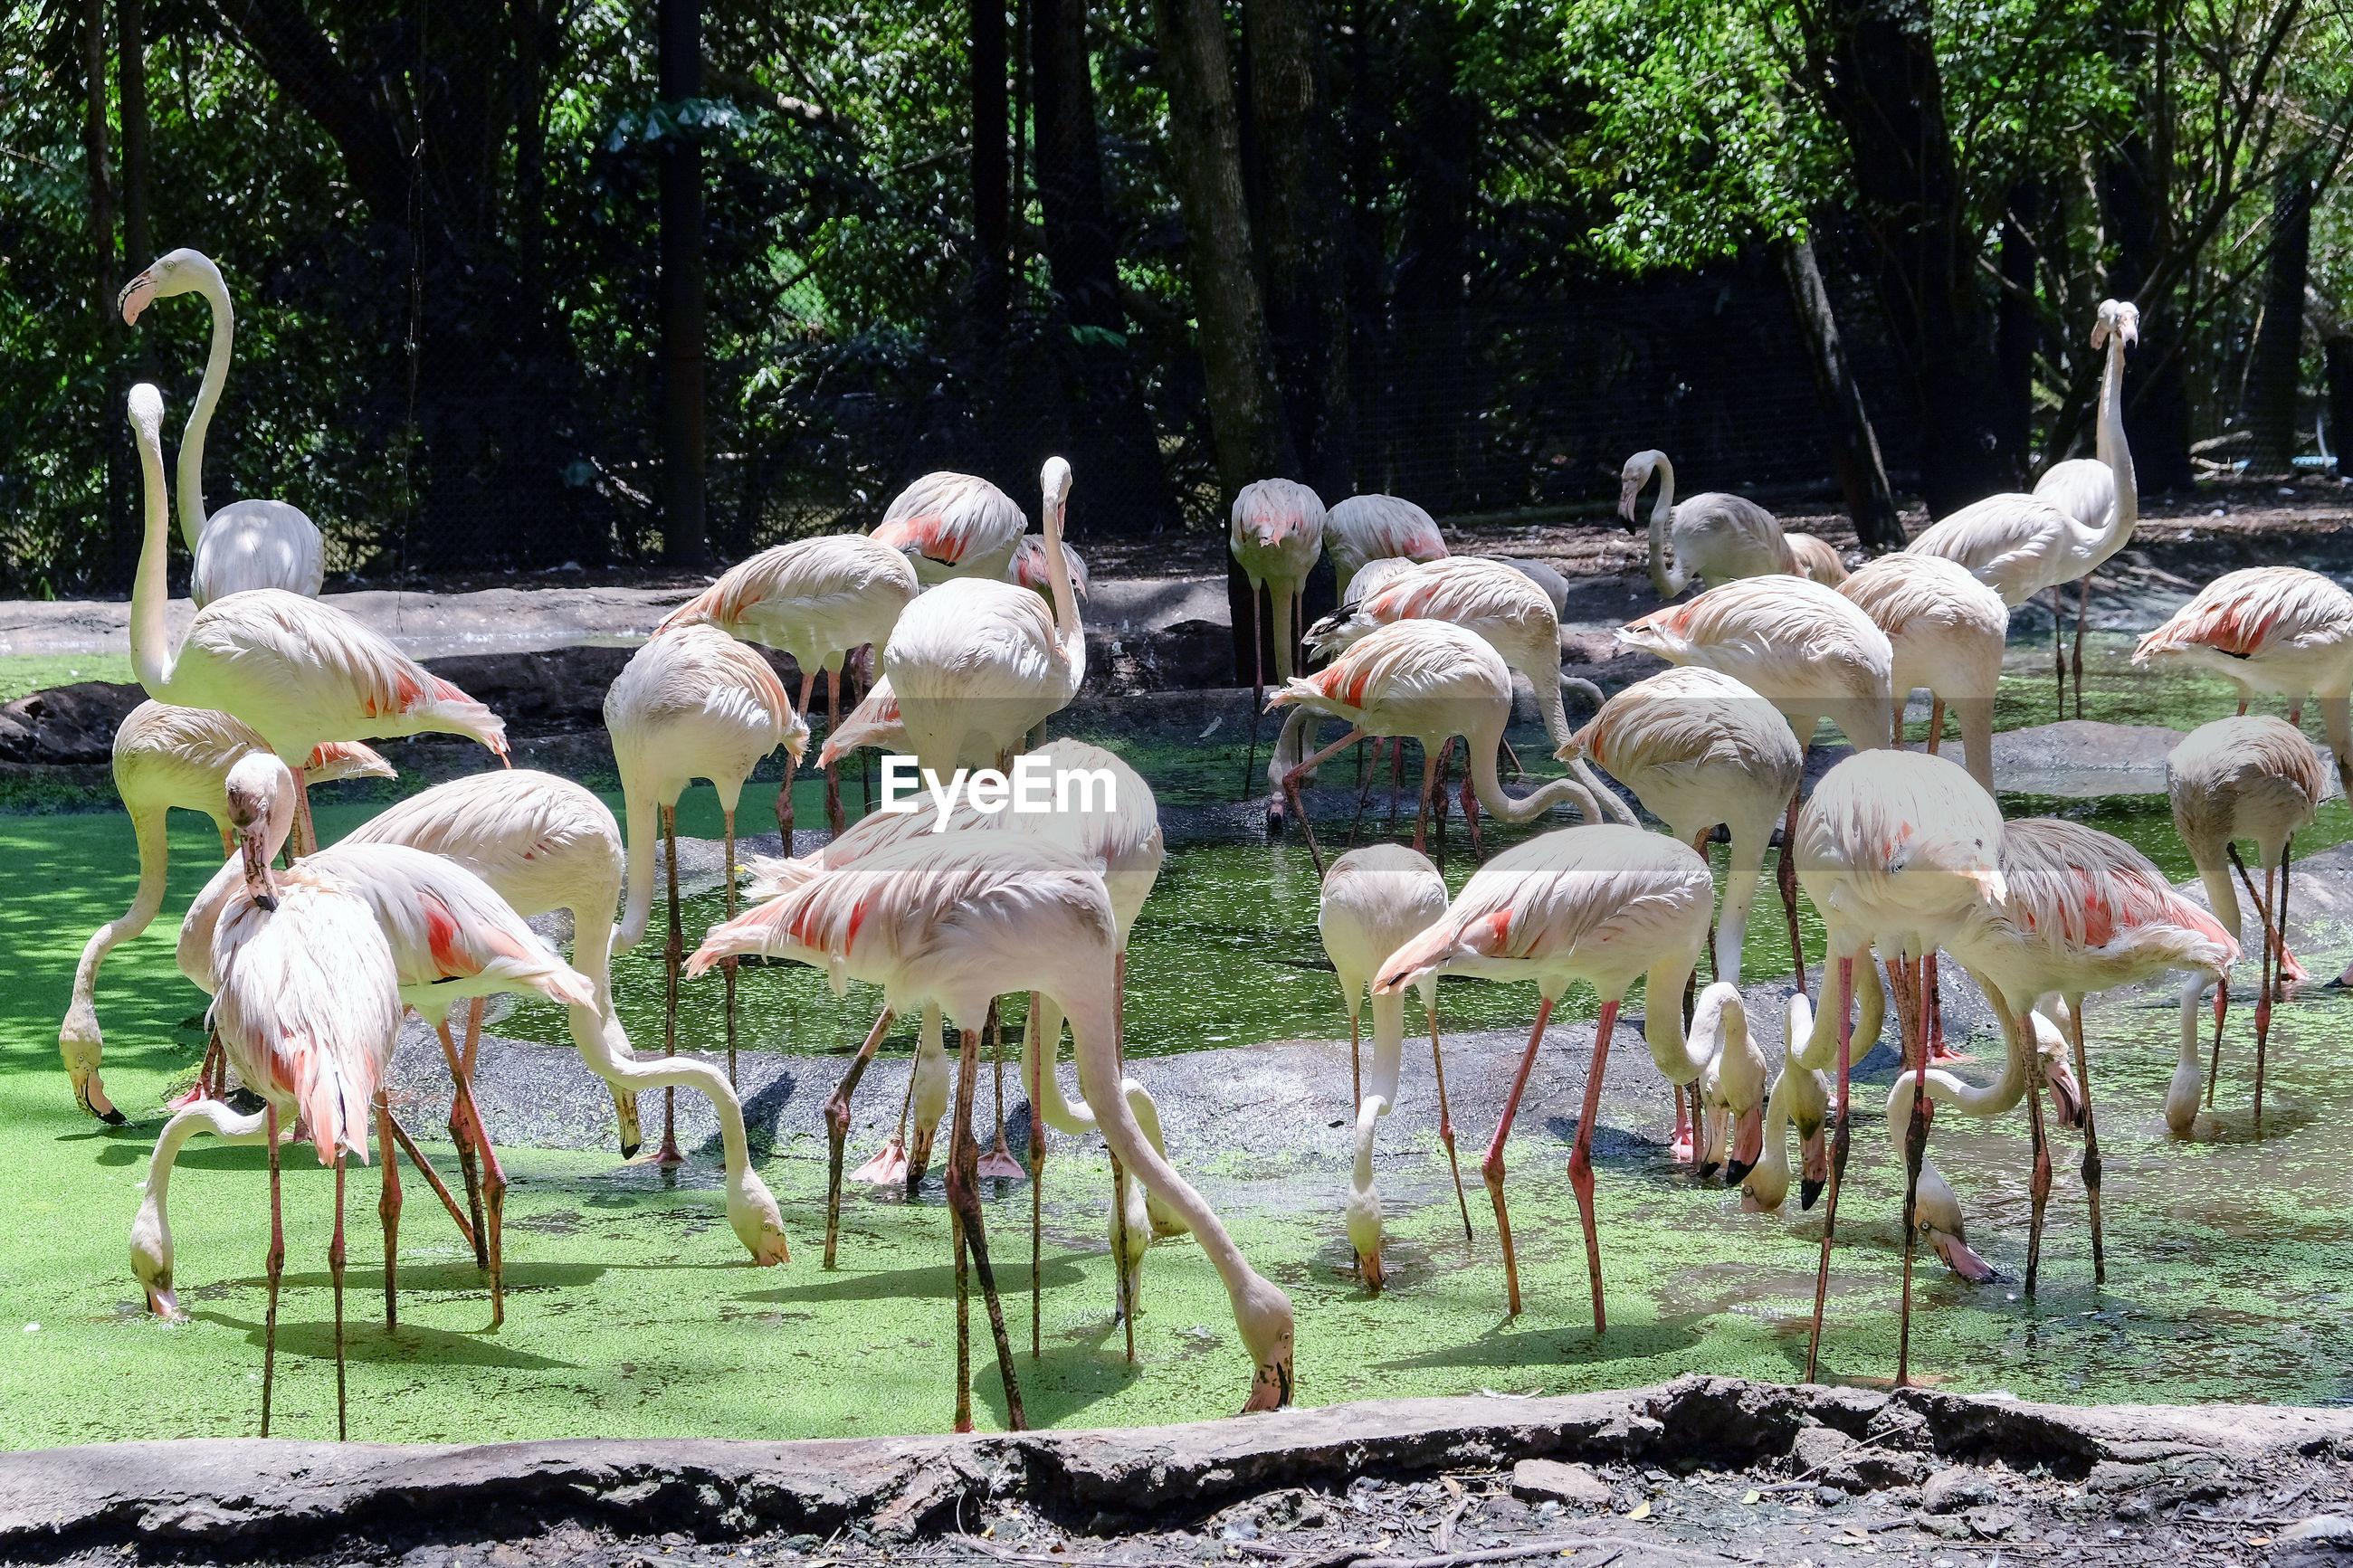 Flamingoes perching at lake